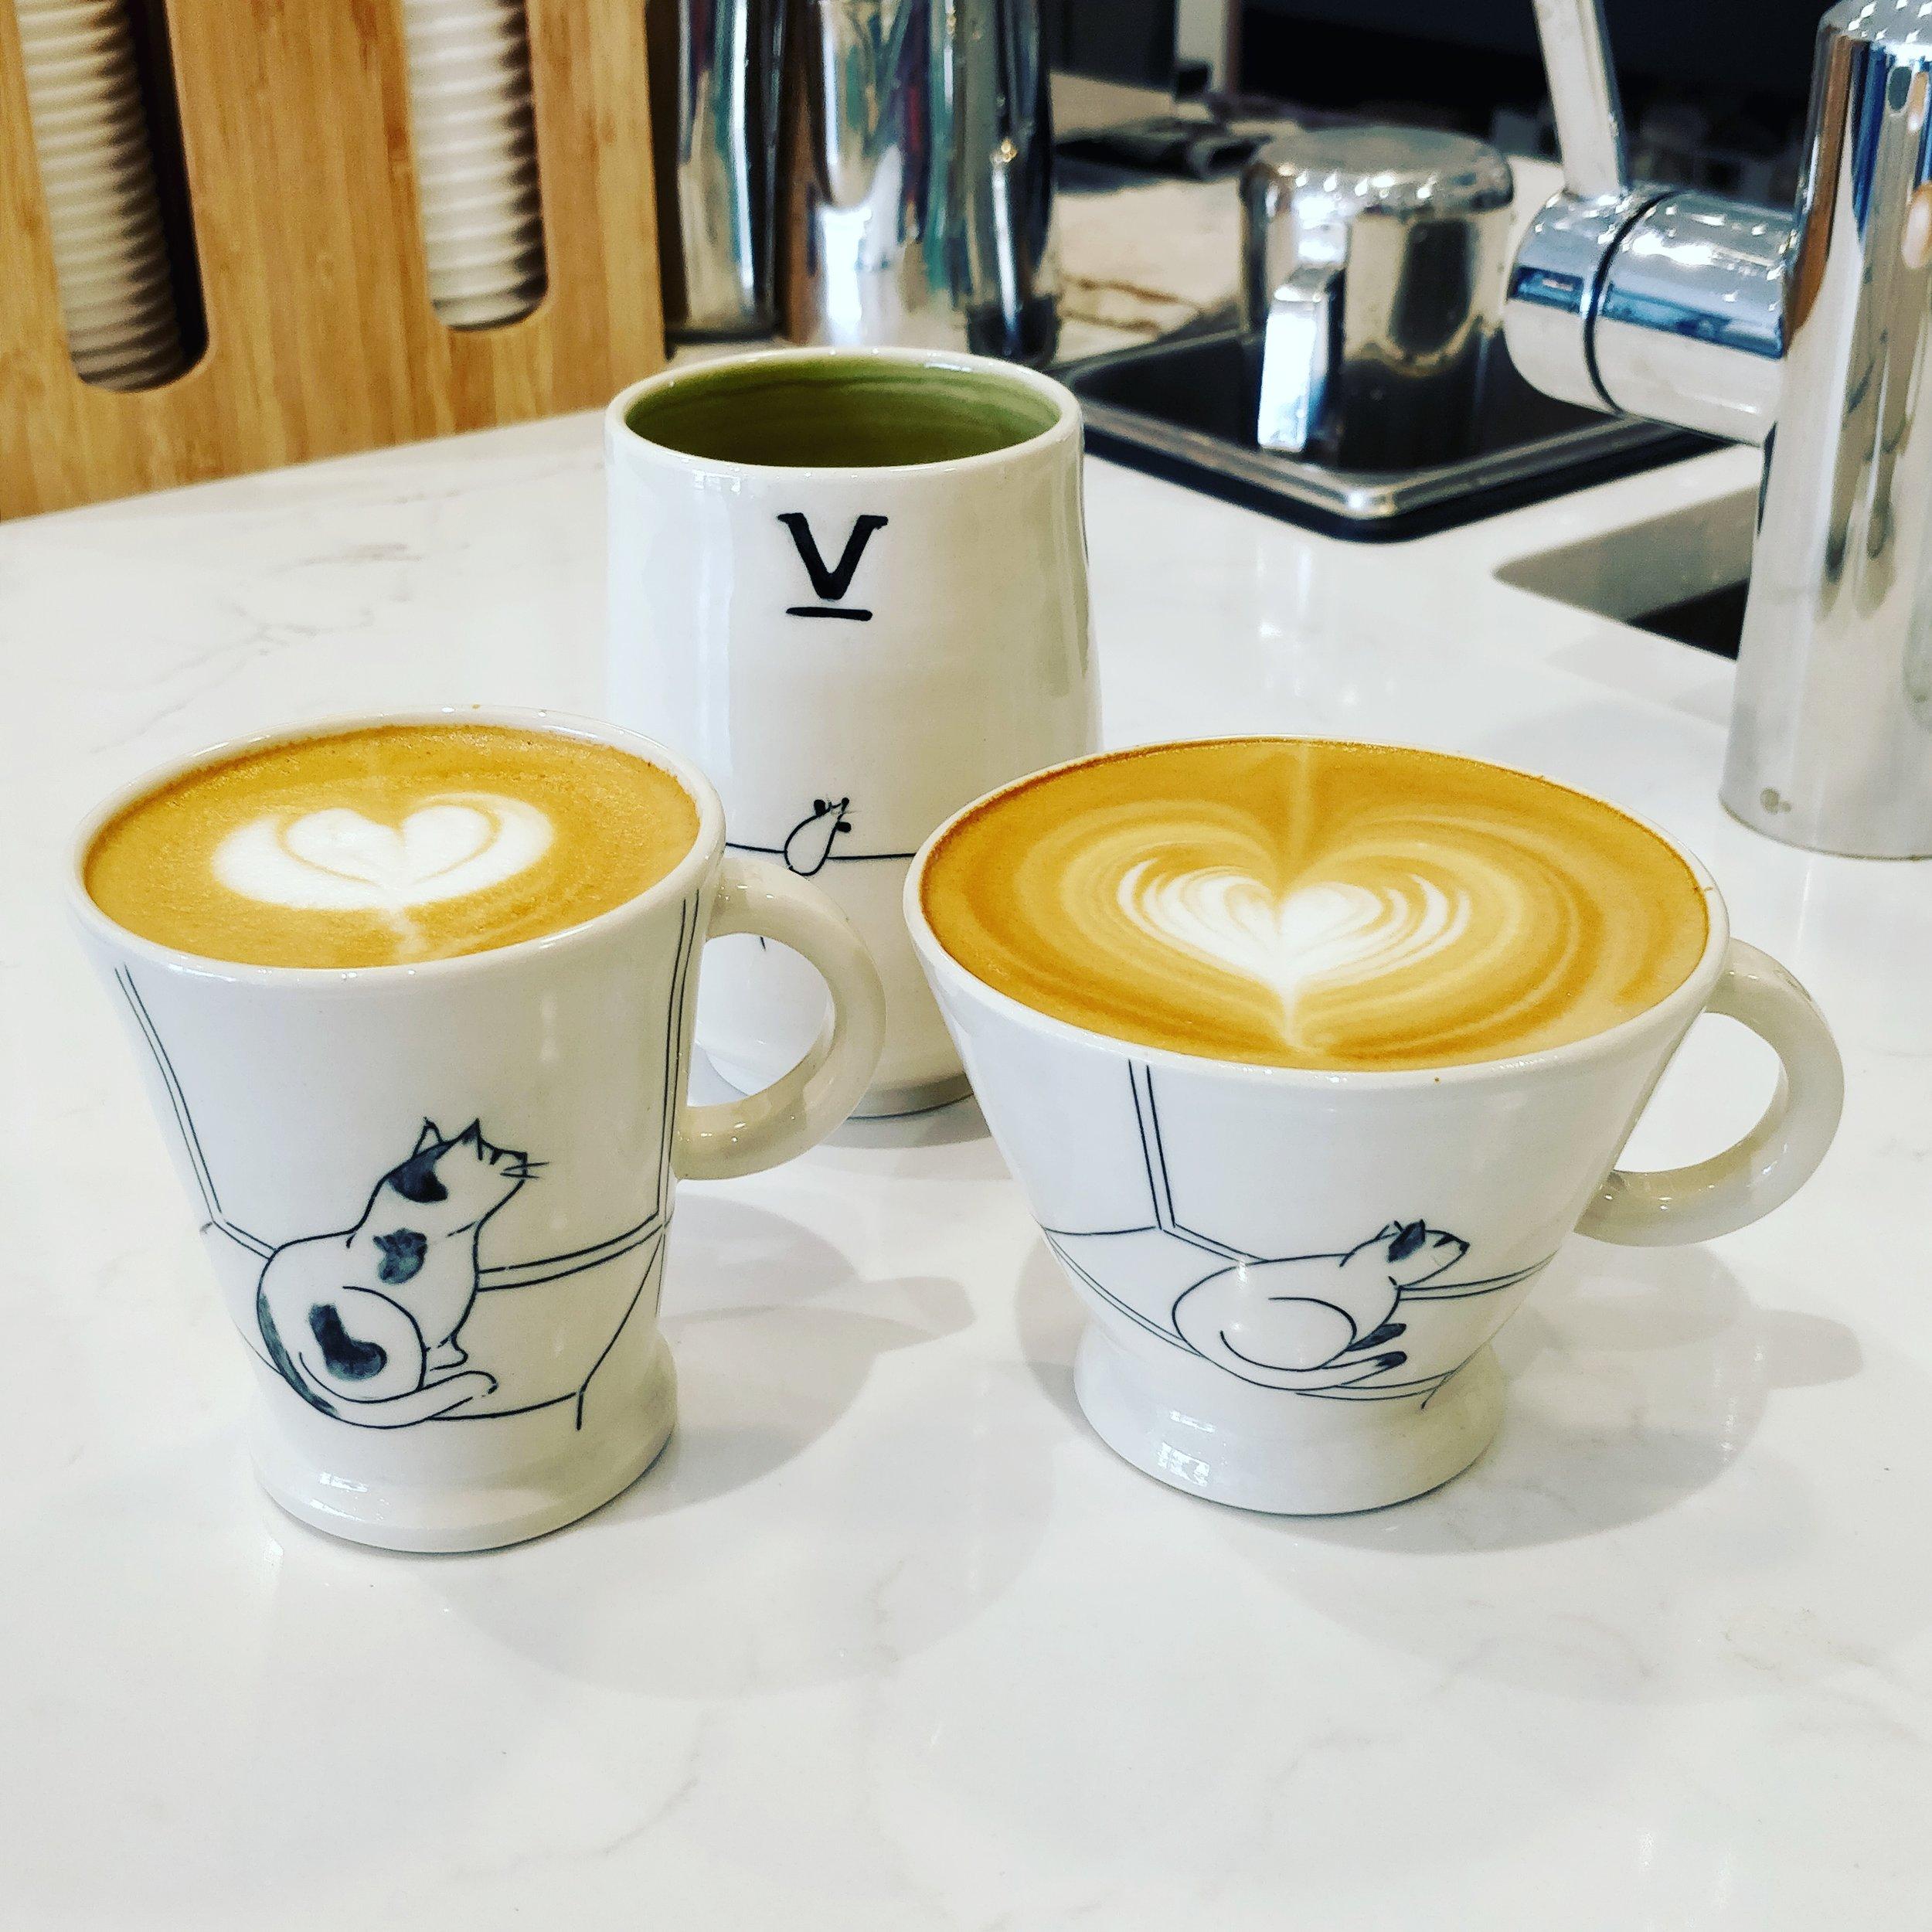 Left: Cappuccino, Right: Latte